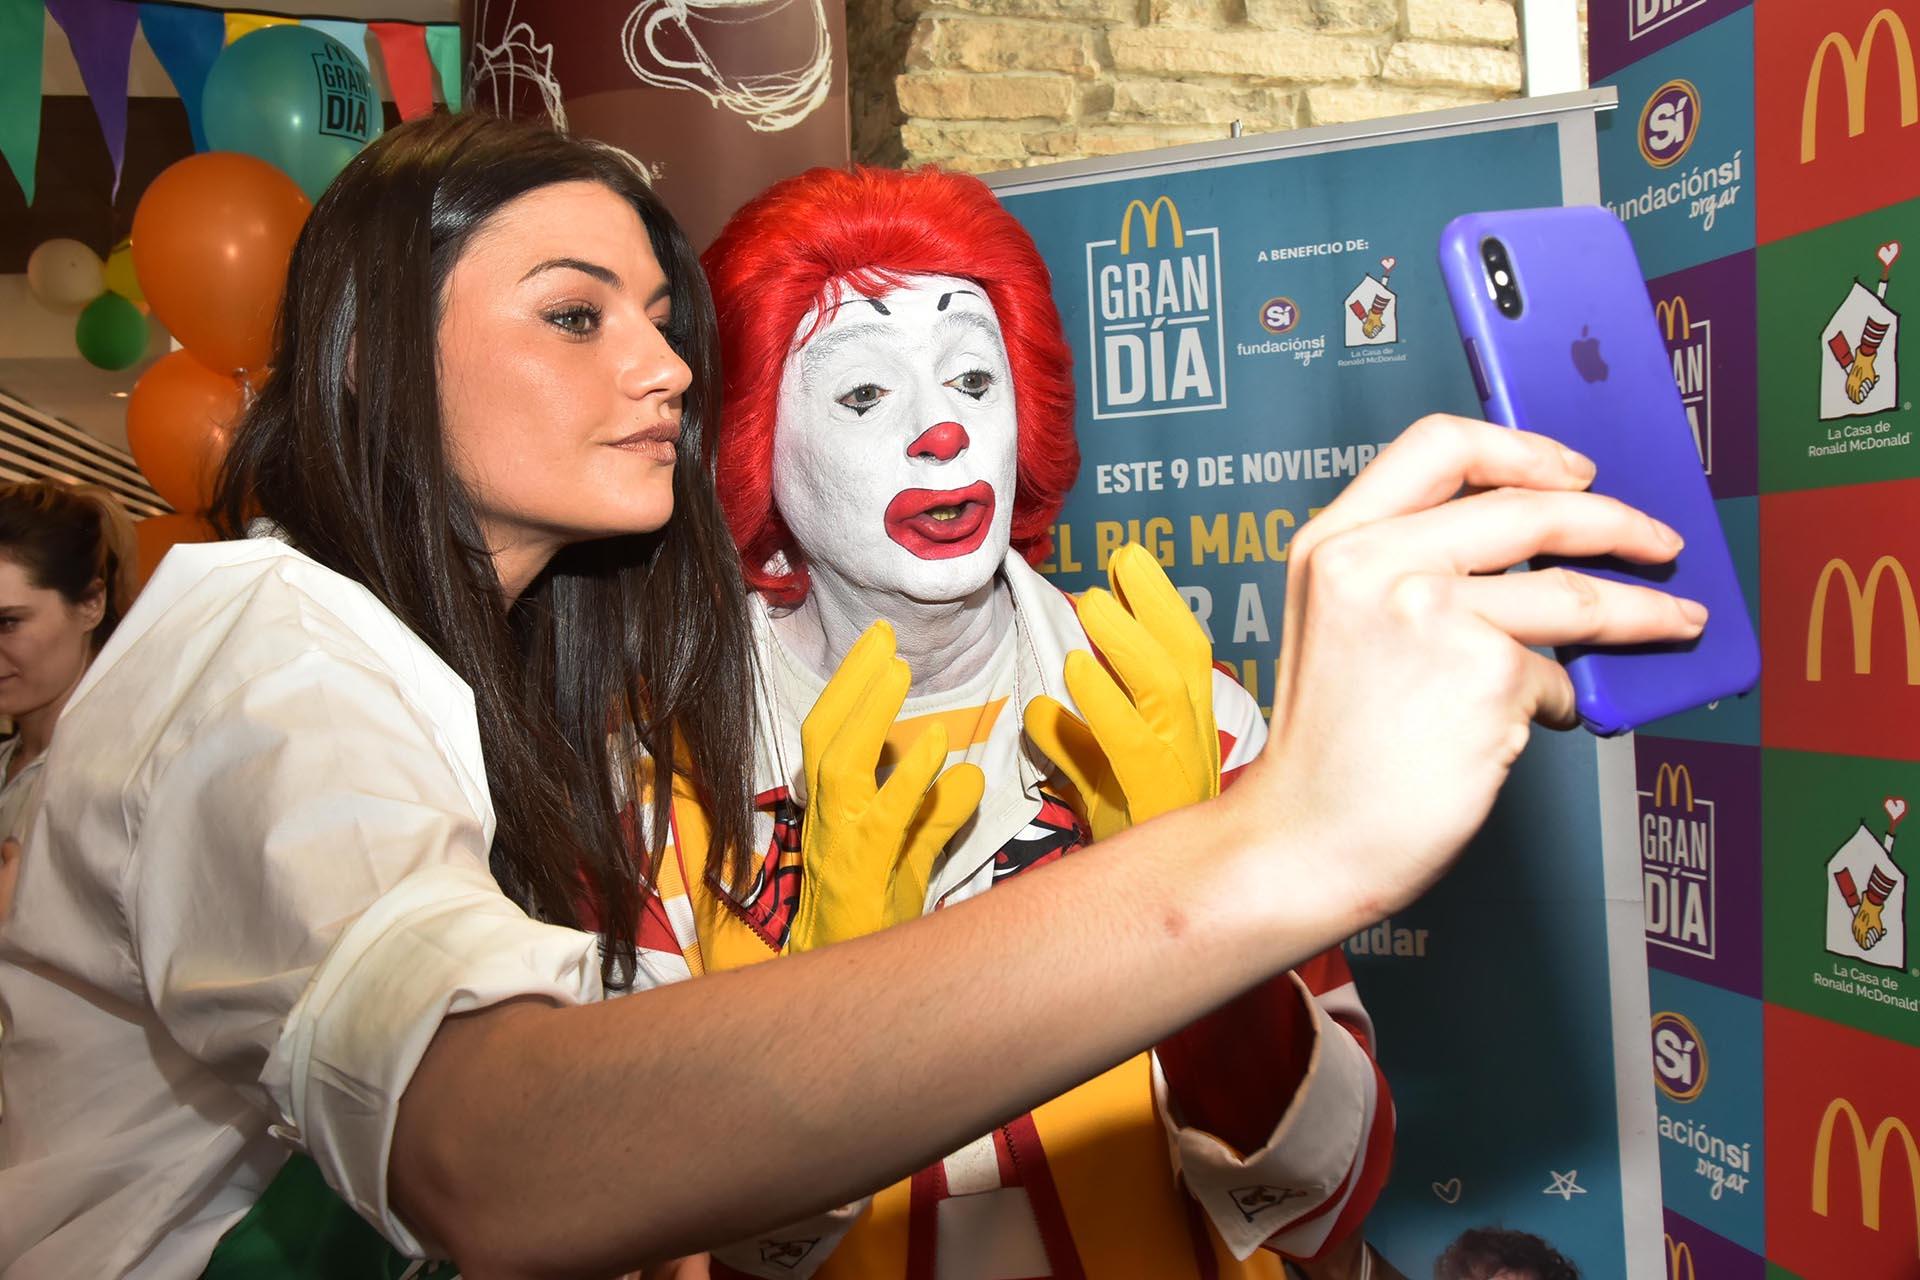 Muchos famosos se acercaron a celebrar el Gran Día de Mc Donald's